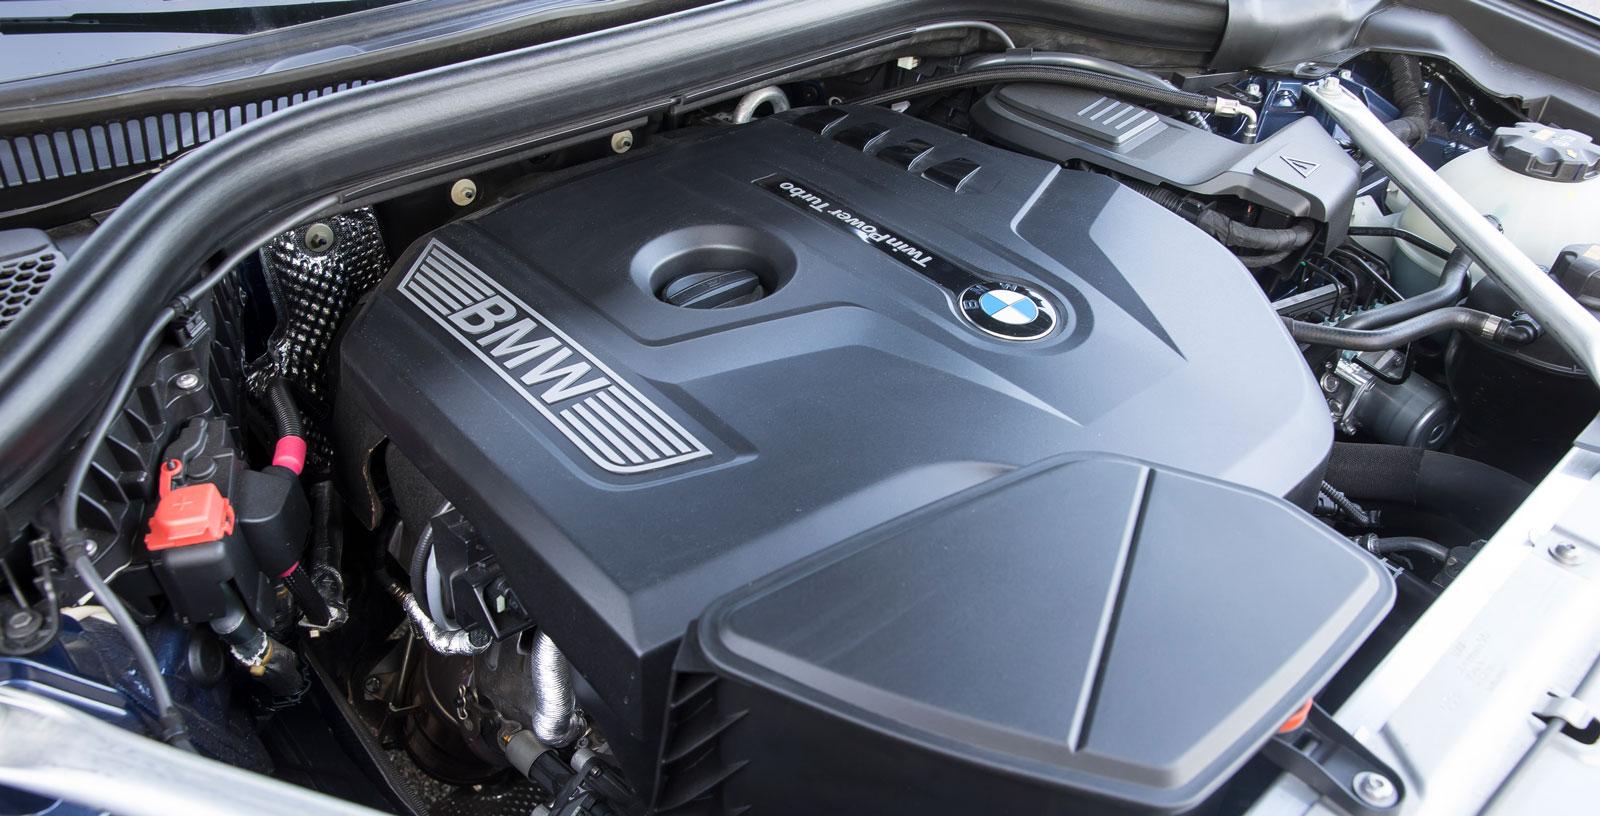 Trots beteckningen 30i är BMW:s motor på två liters volym.Samarbetet med den åttaväxlade automatlådan är föredömligt, bränsletörsten mellan Alfas och Volvos.